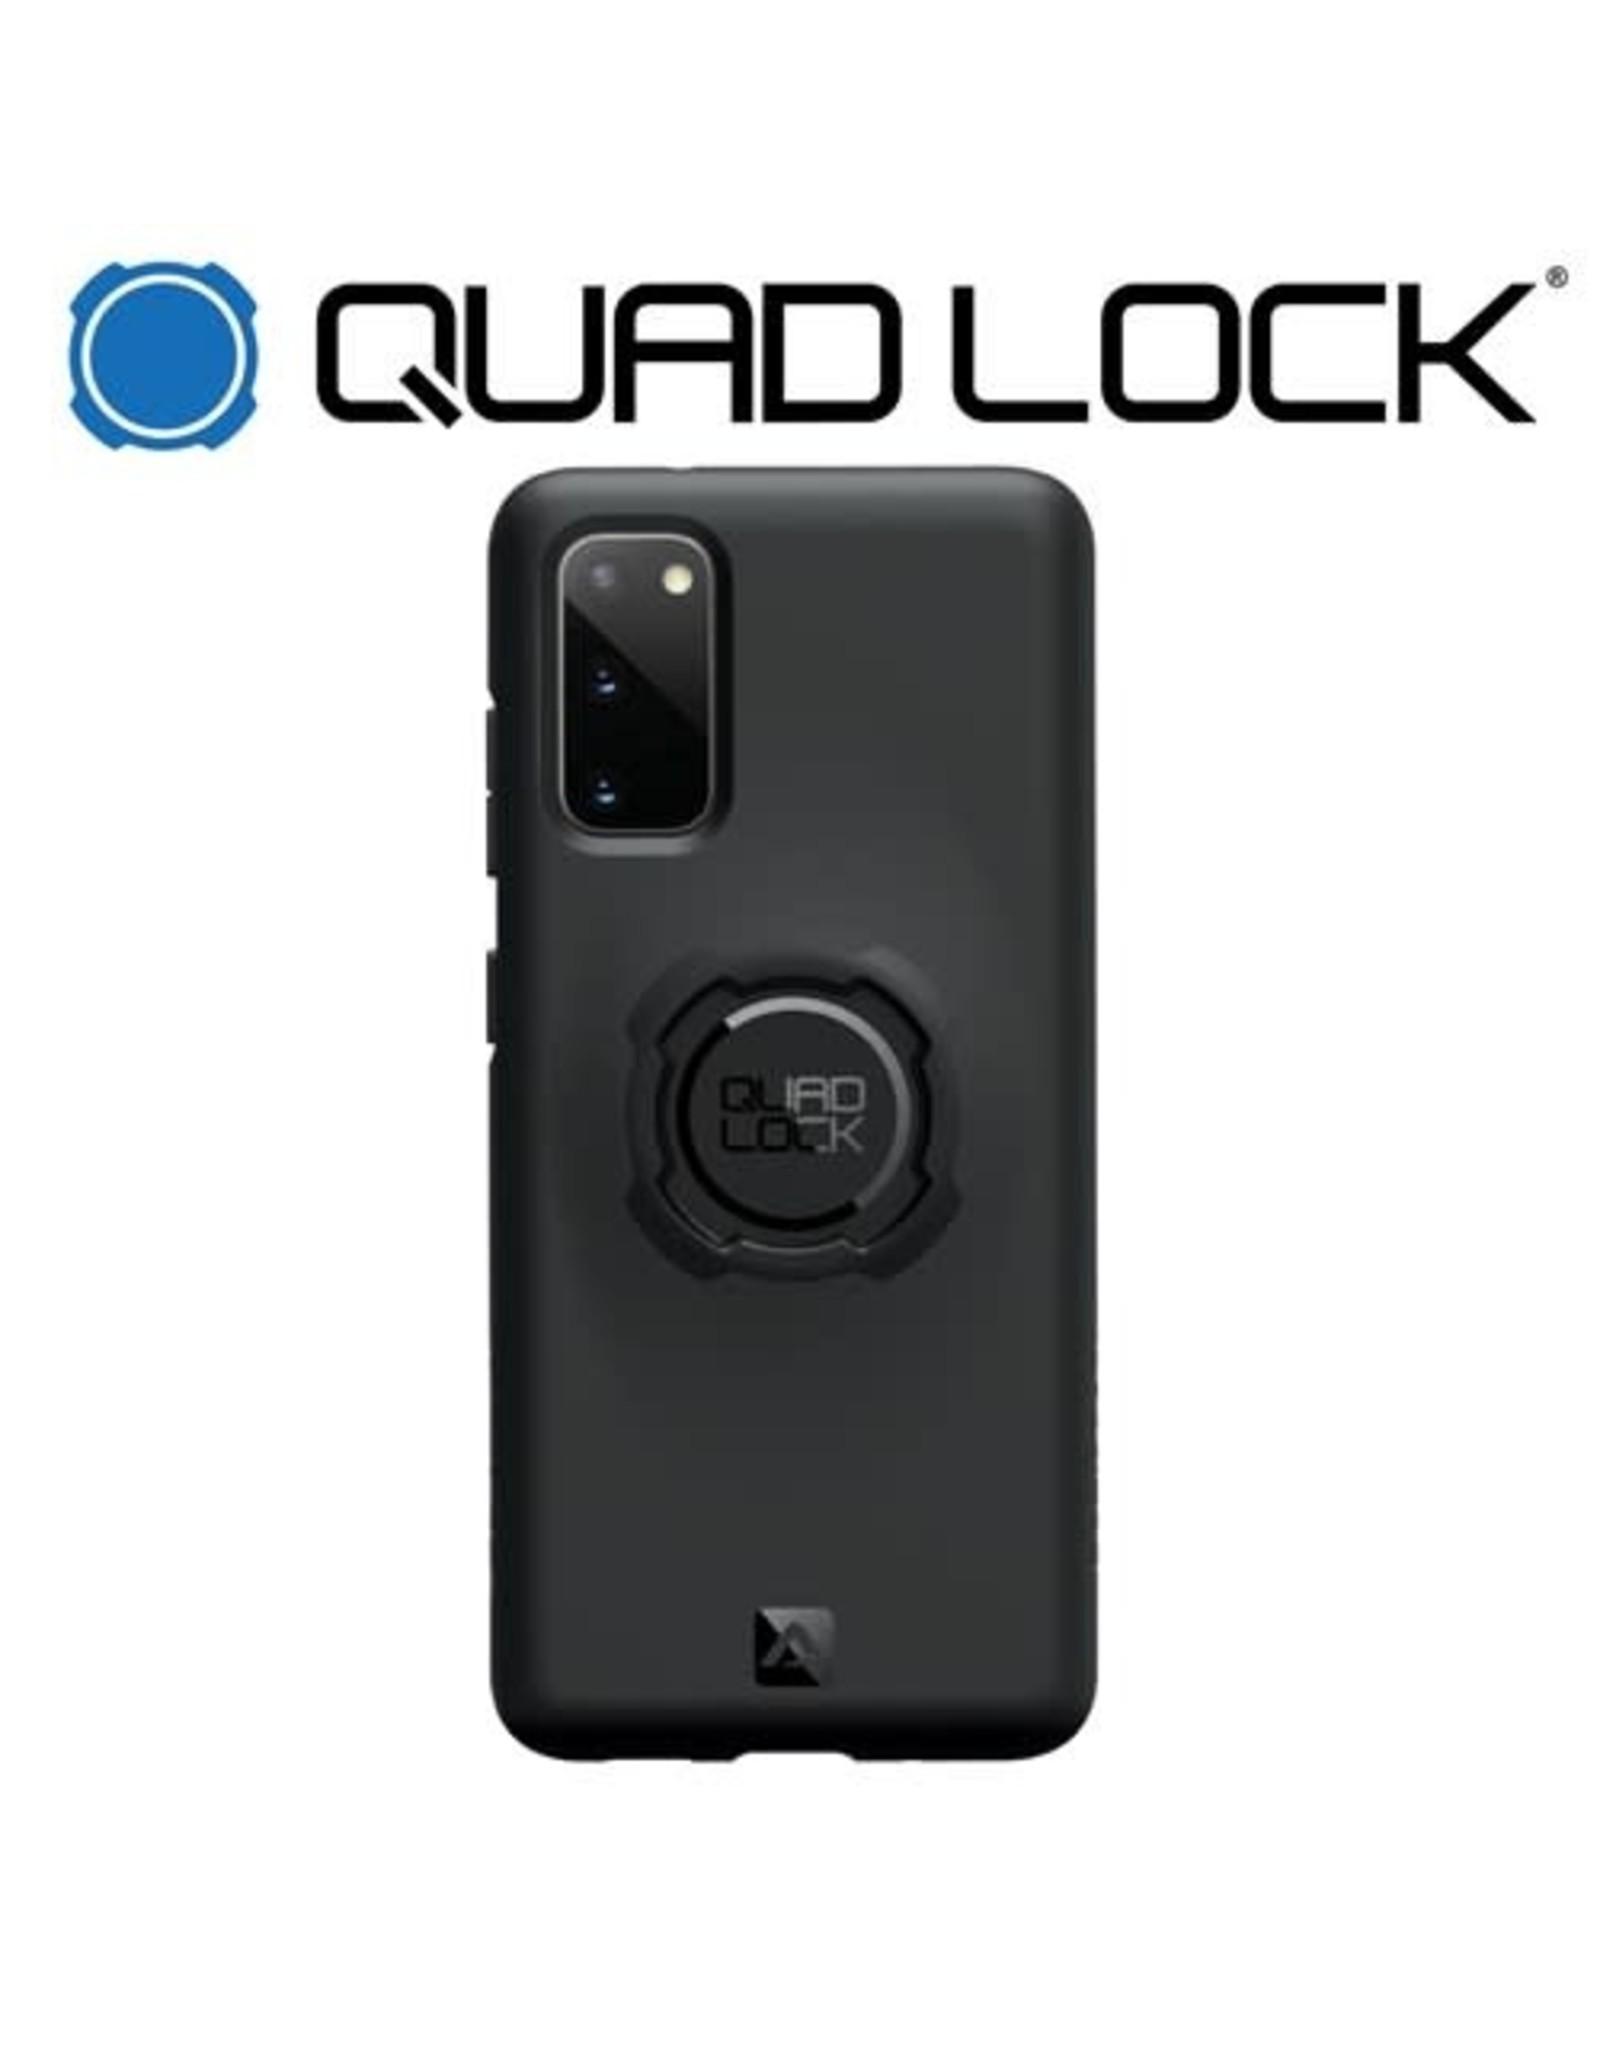 QUAD LOCK QUAD LOCK FOR GALAXY S20 PHONE CASE